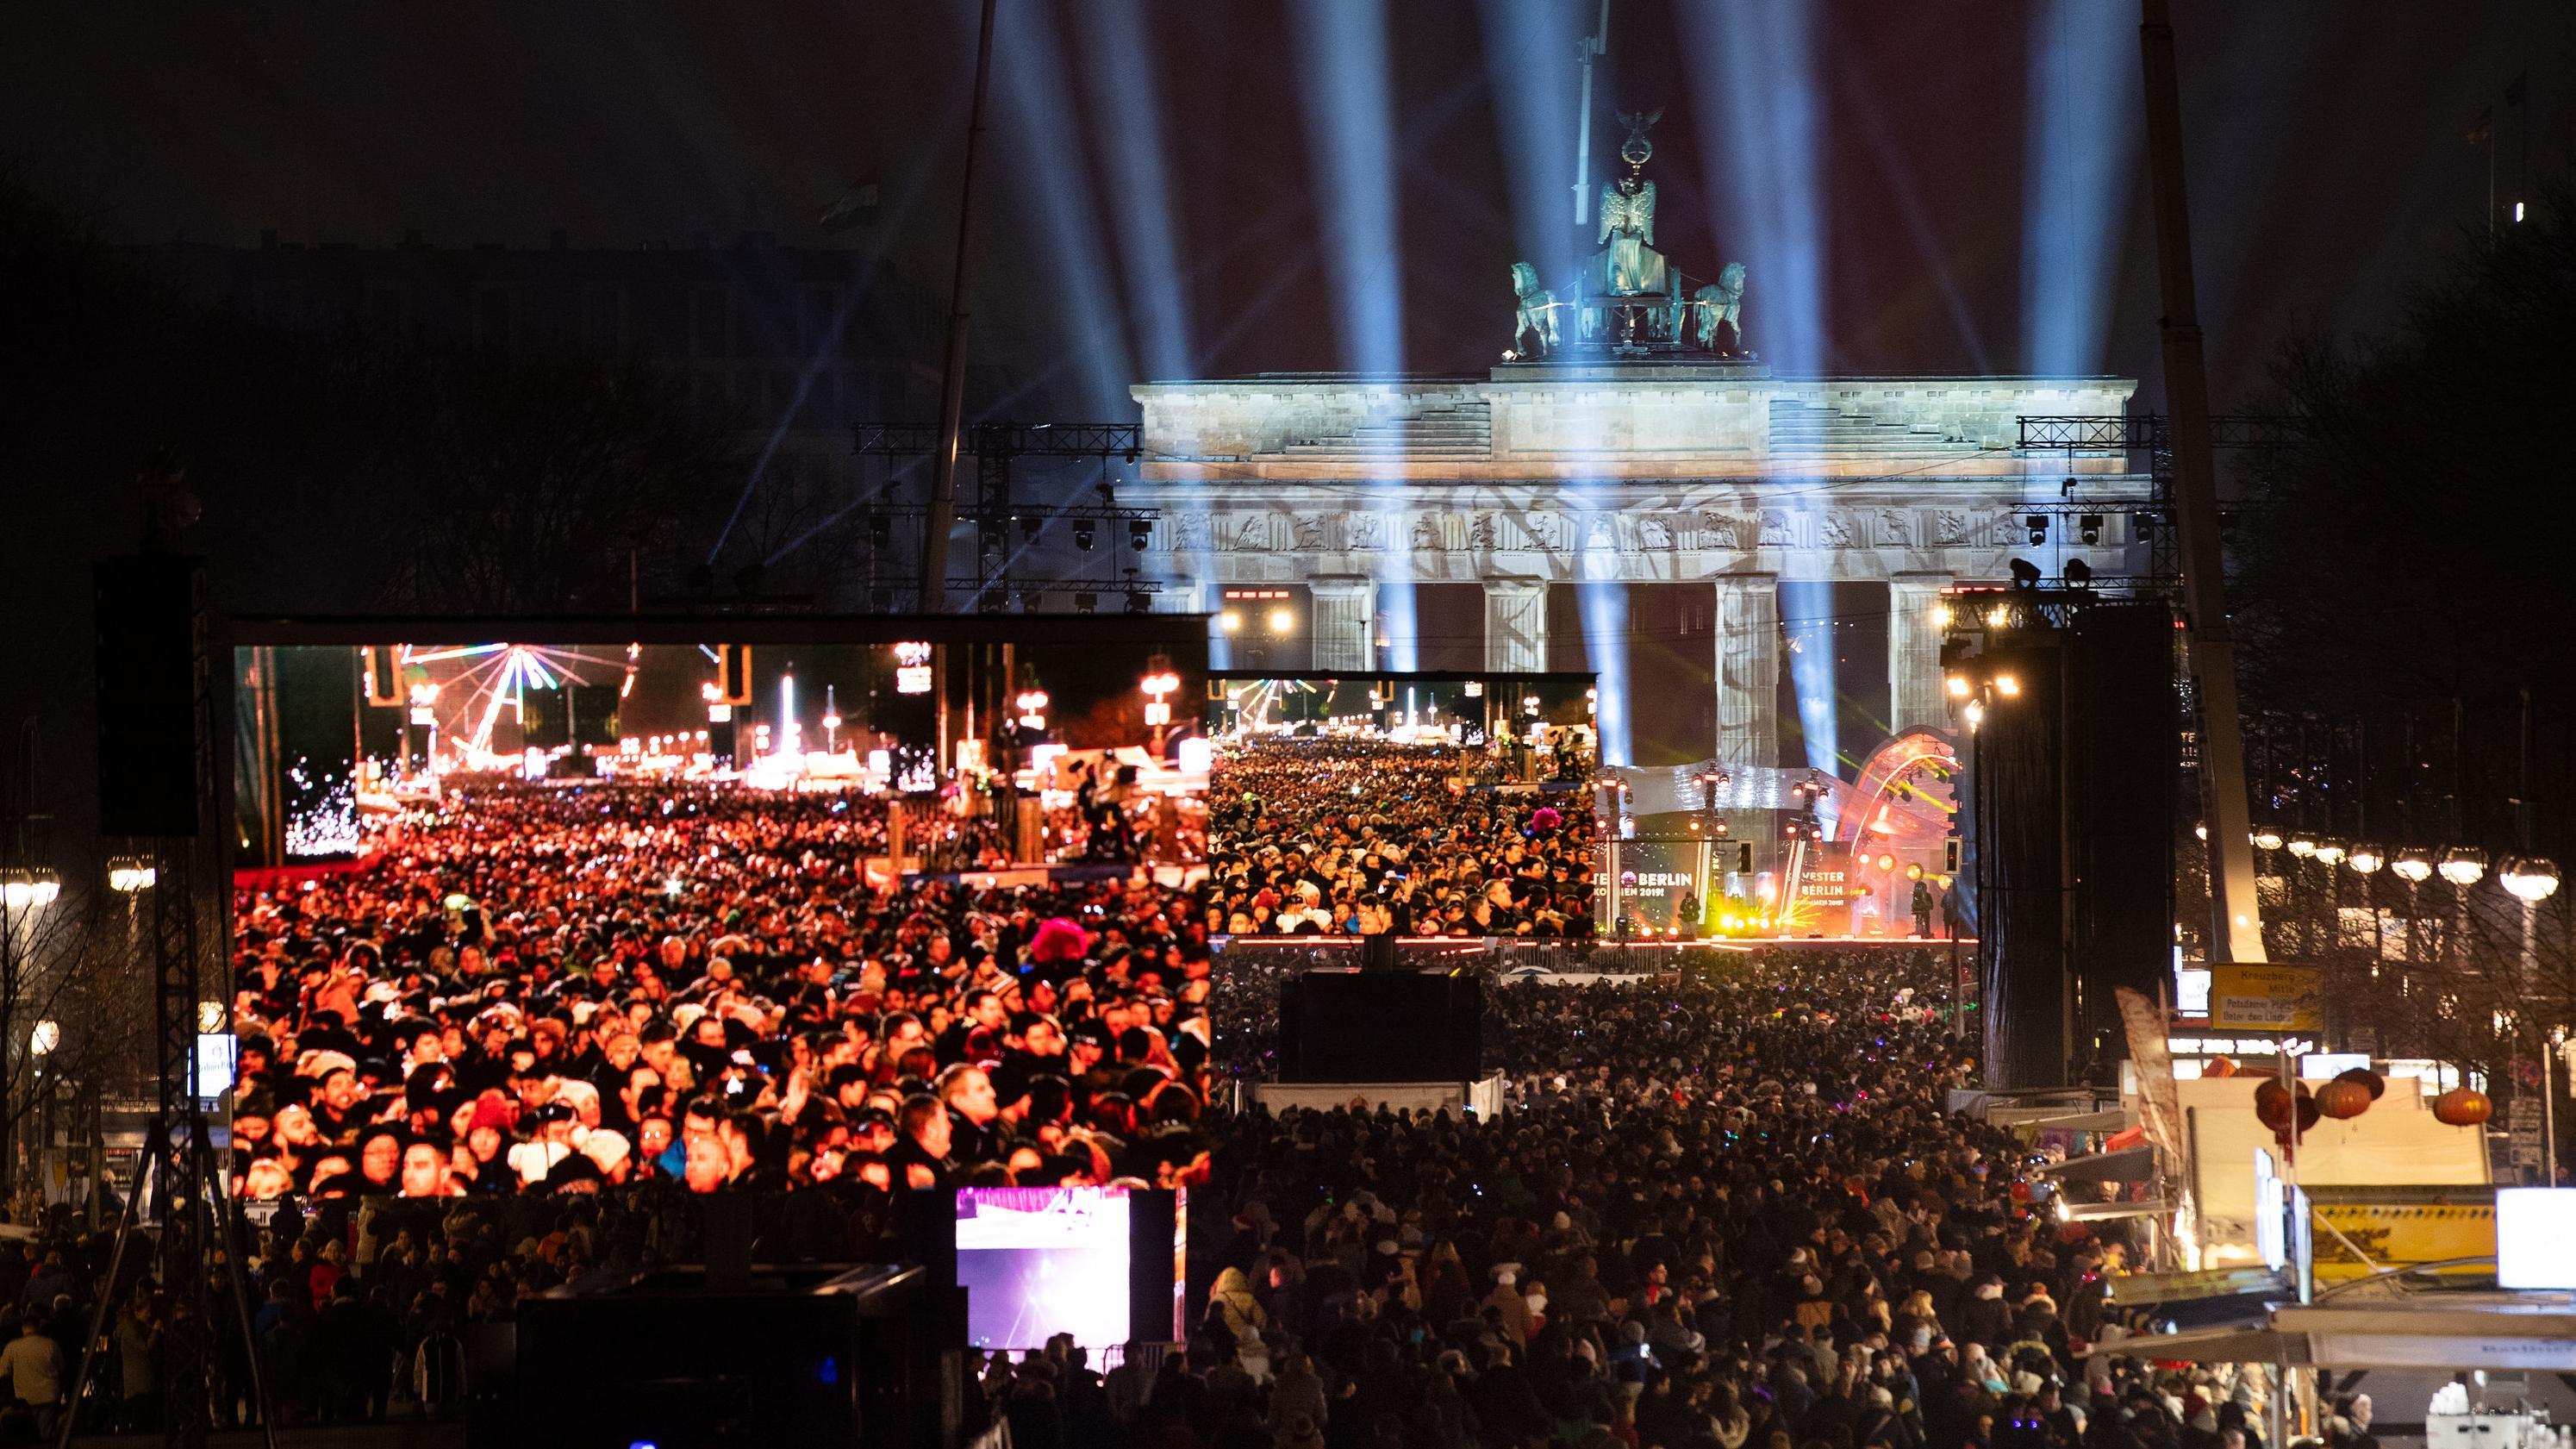 Am Fuße des Brandenburger Tors feierten Tausende die größte Silvesterparty Deutschlands.